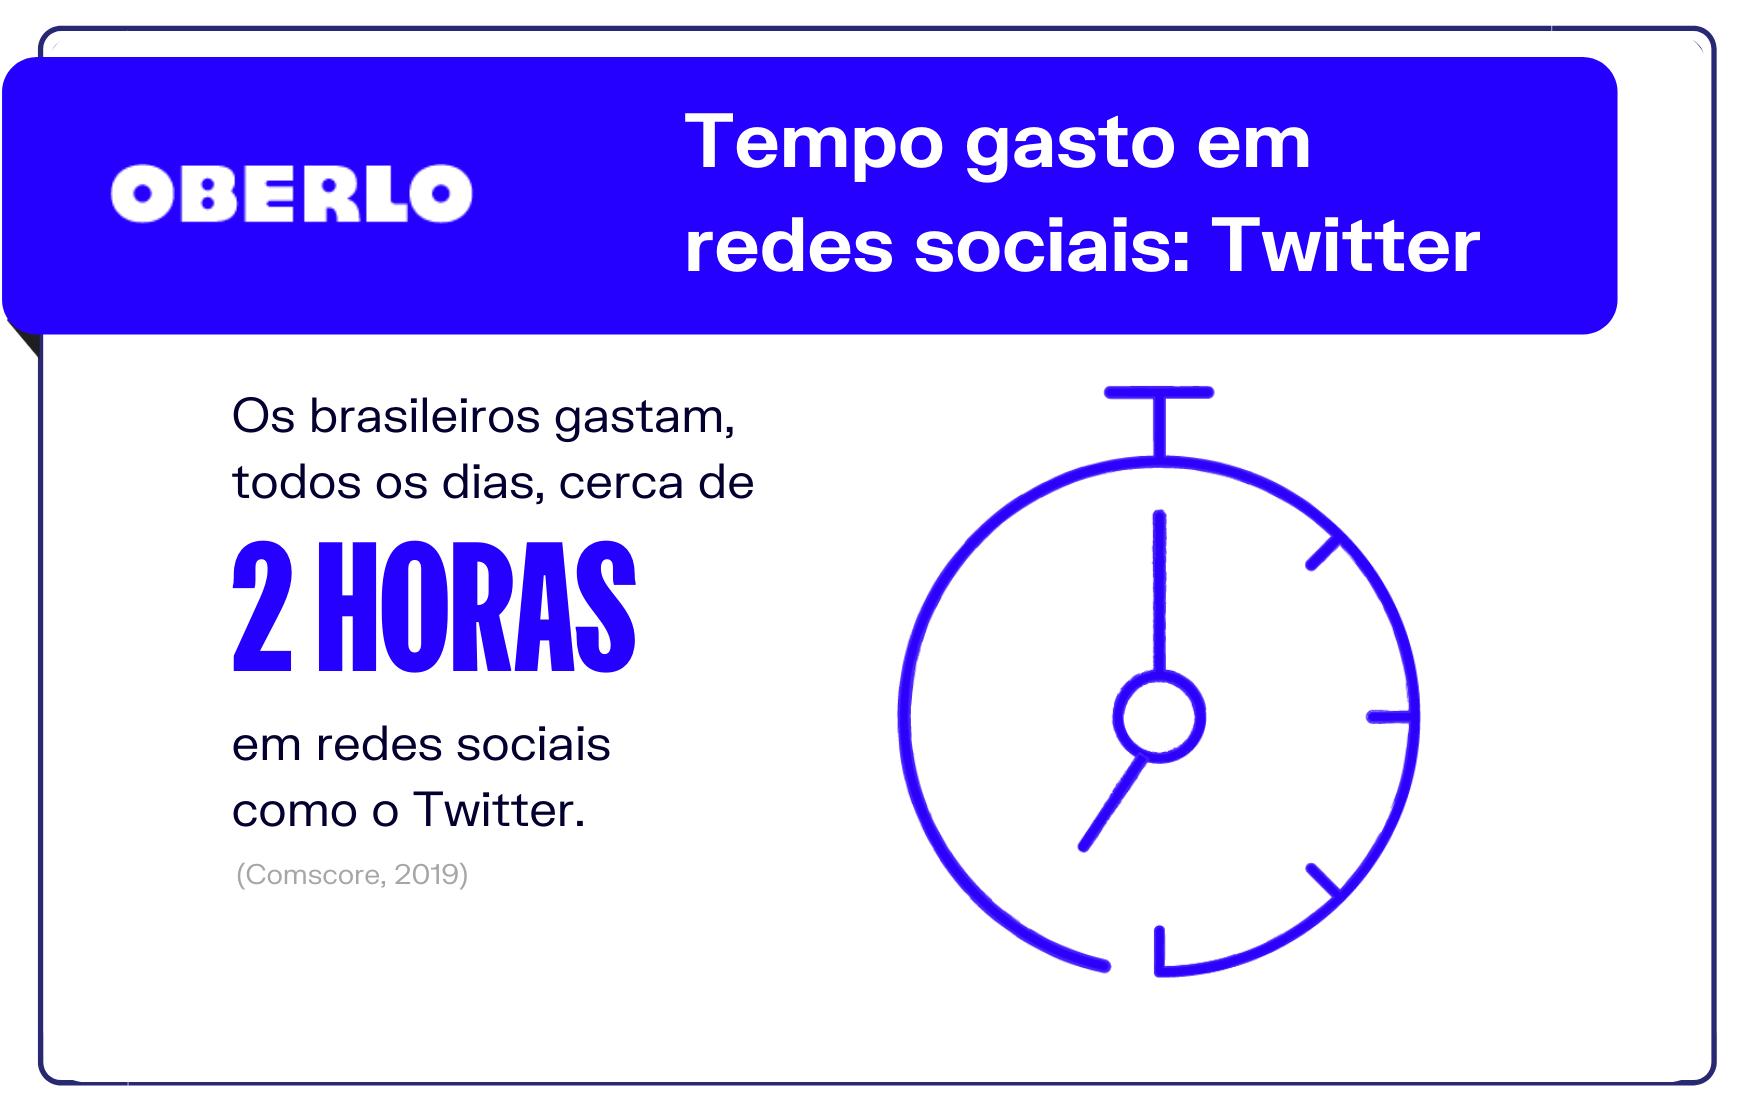 Tempo gasto em redes sociais: Twitter